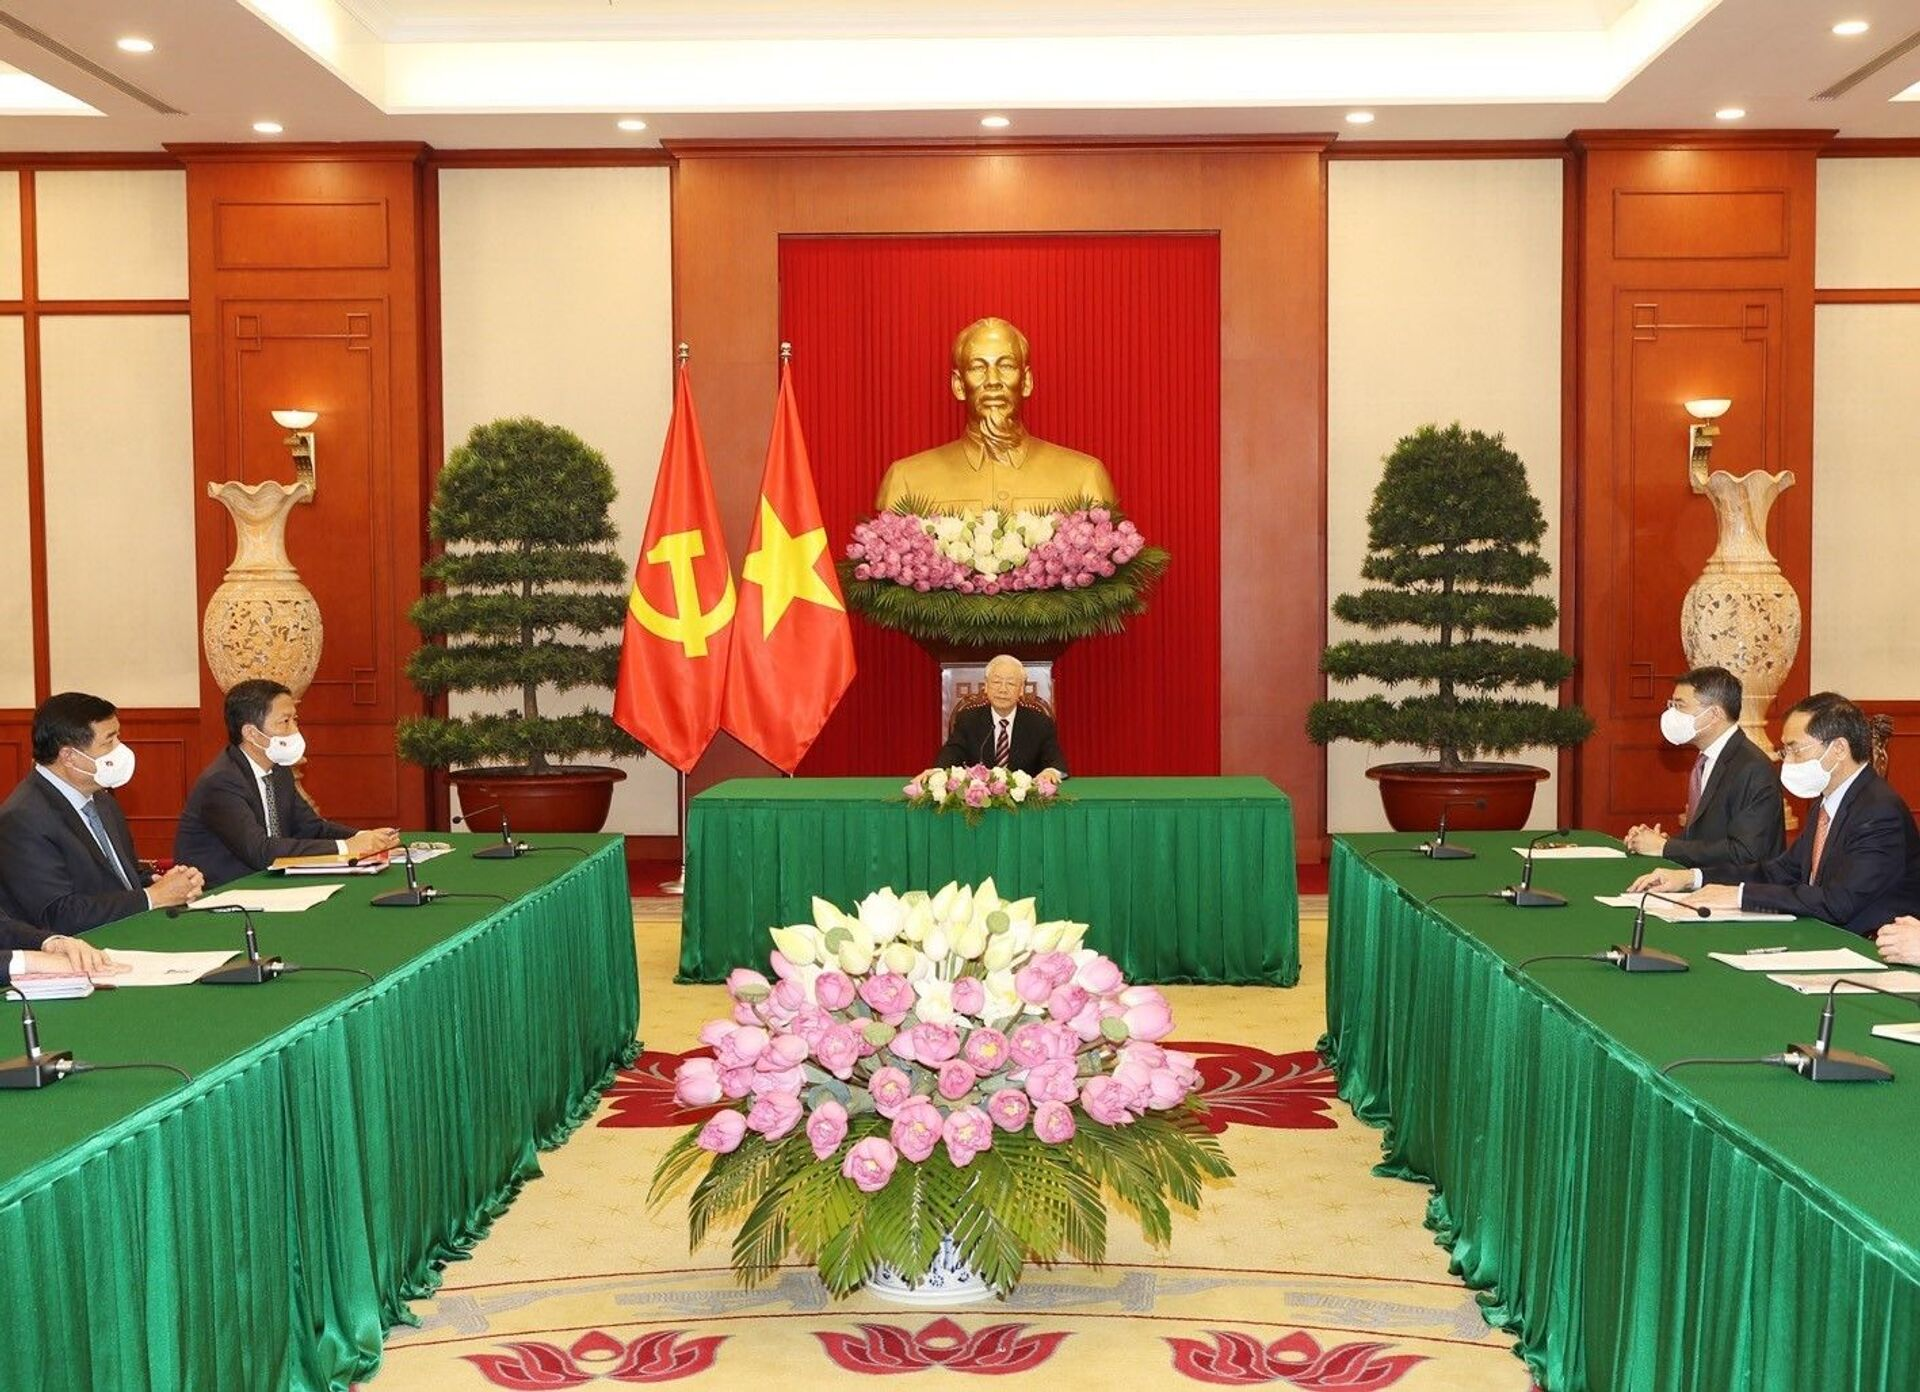 Hàn Quốc muốn tăng hợp tác với Việt Nam về an ninh quốc phòng - Sputnik Việt Nam, 1920, 15.07.2021